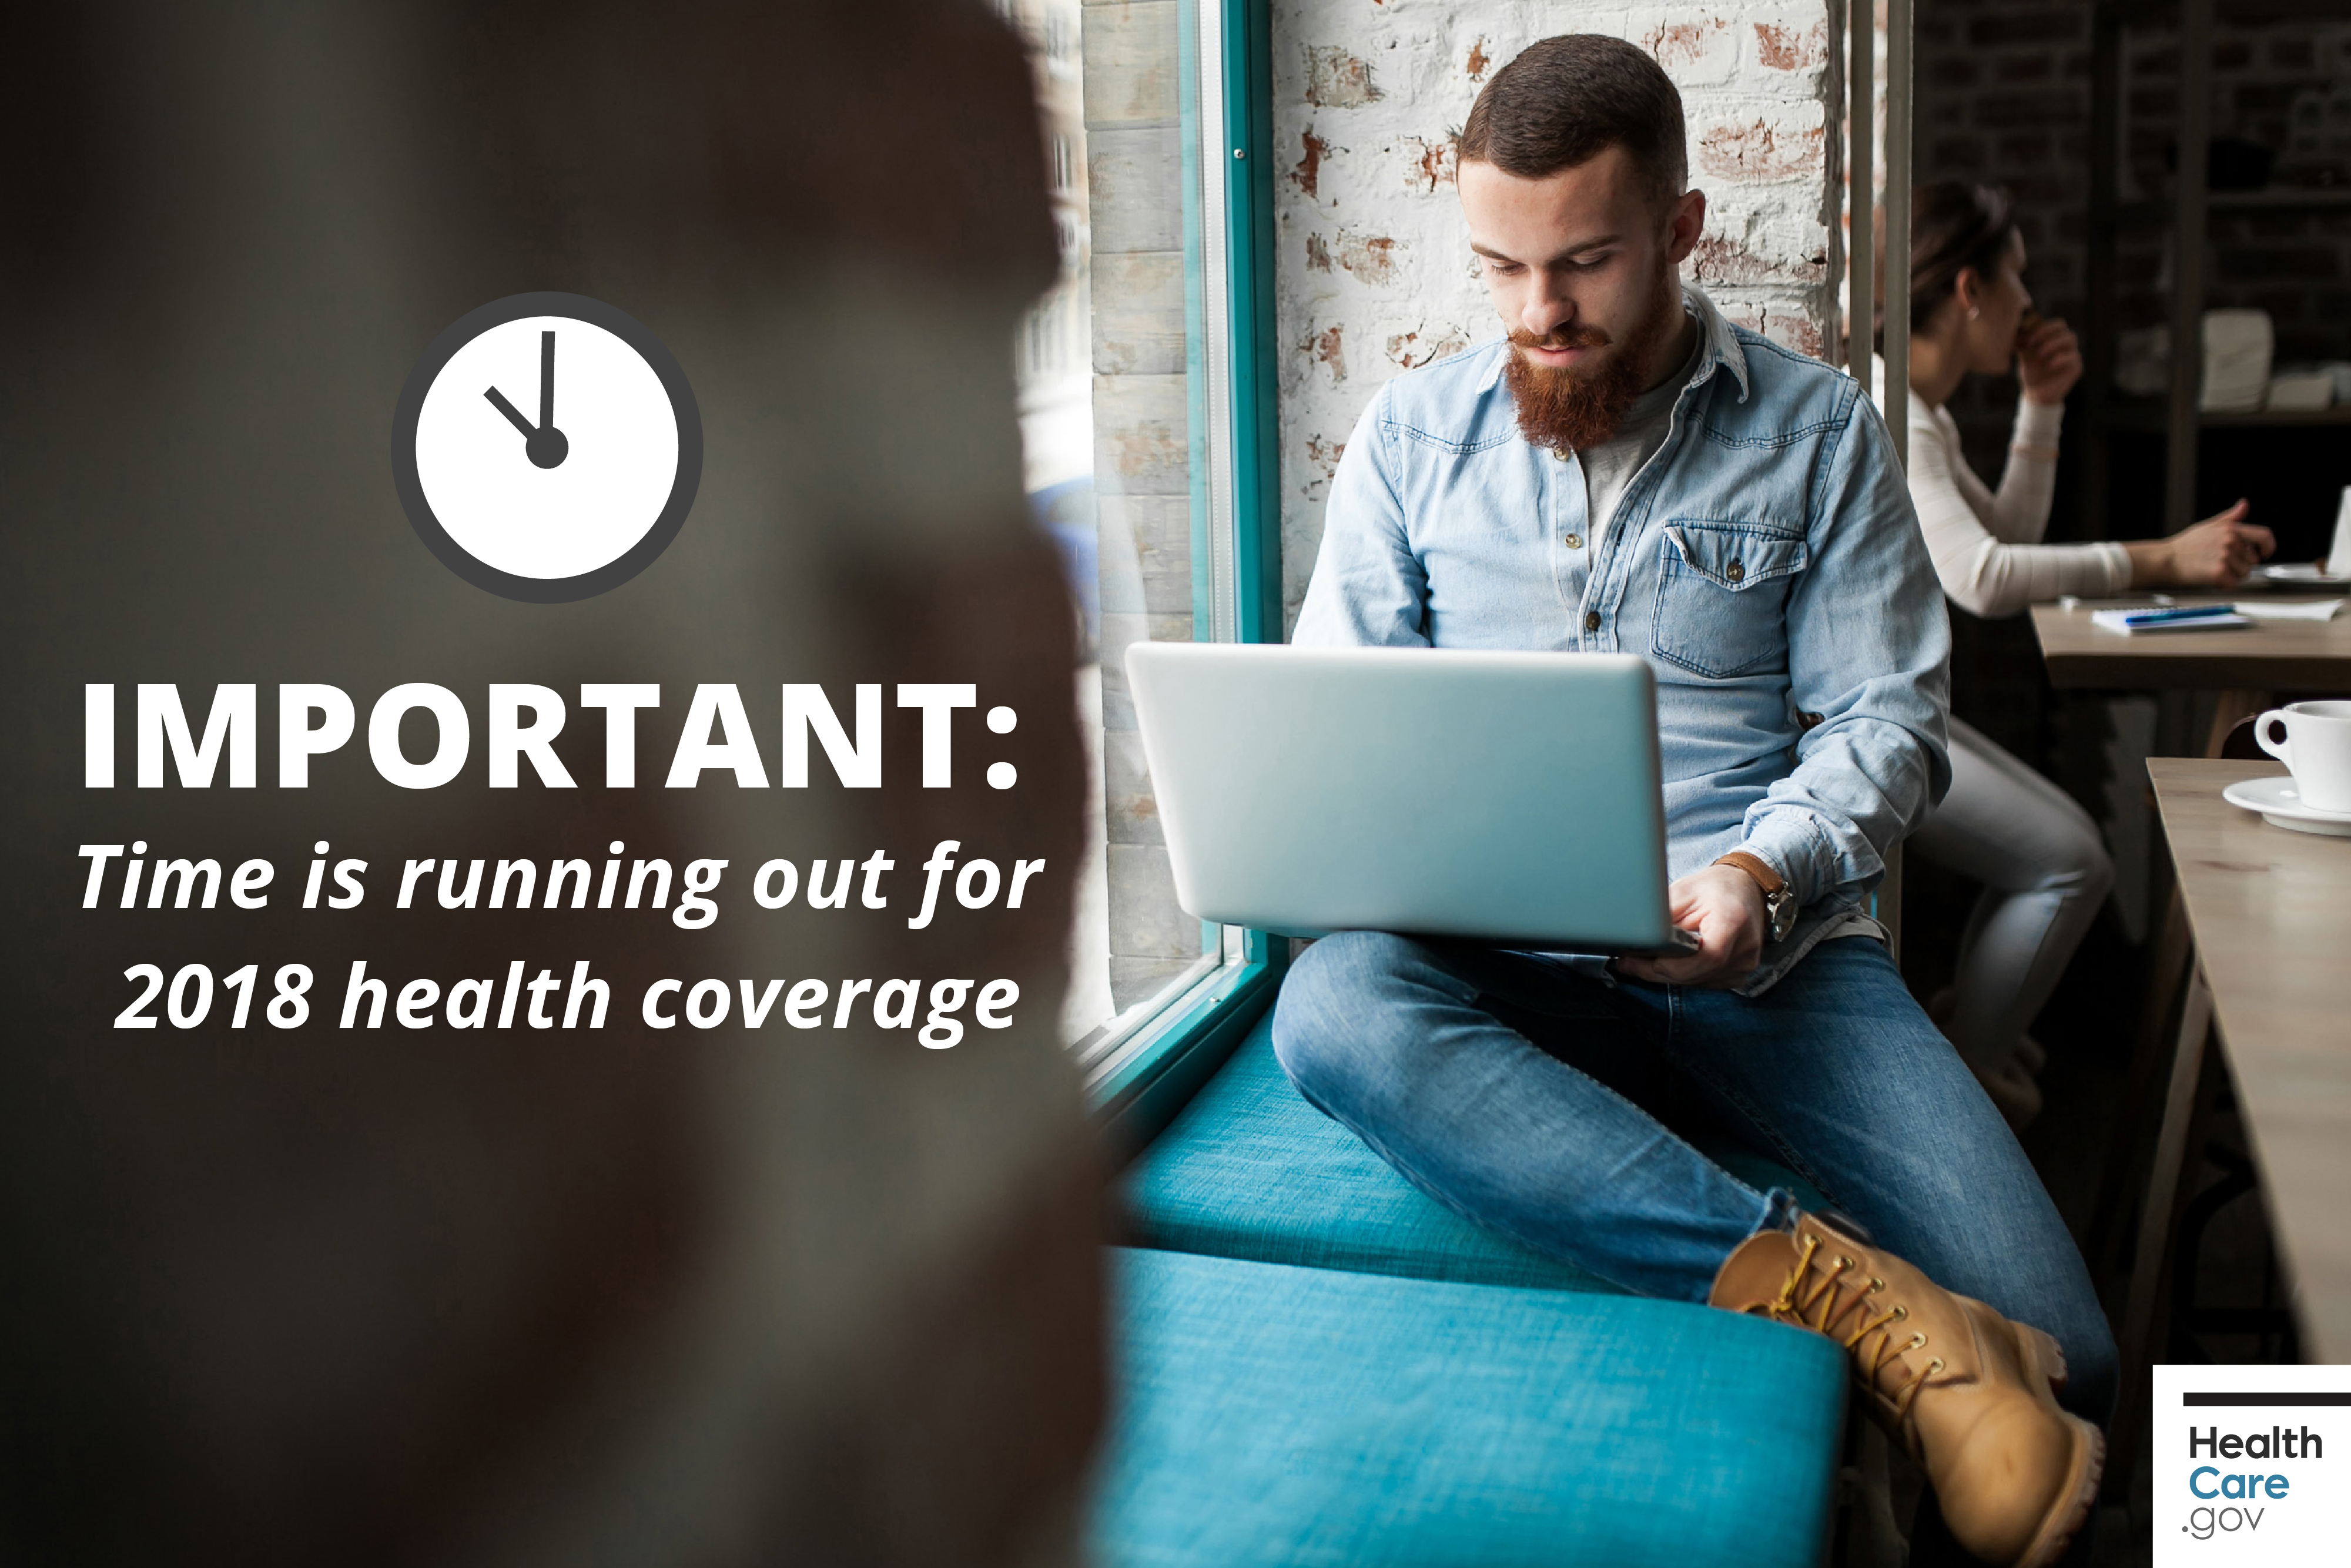 歐記健保申請入口網站healthcare.gov首頁圖片,提醒續保者和新入保者加緊腳步提出申請,勿錯過截期。(CMS官網)